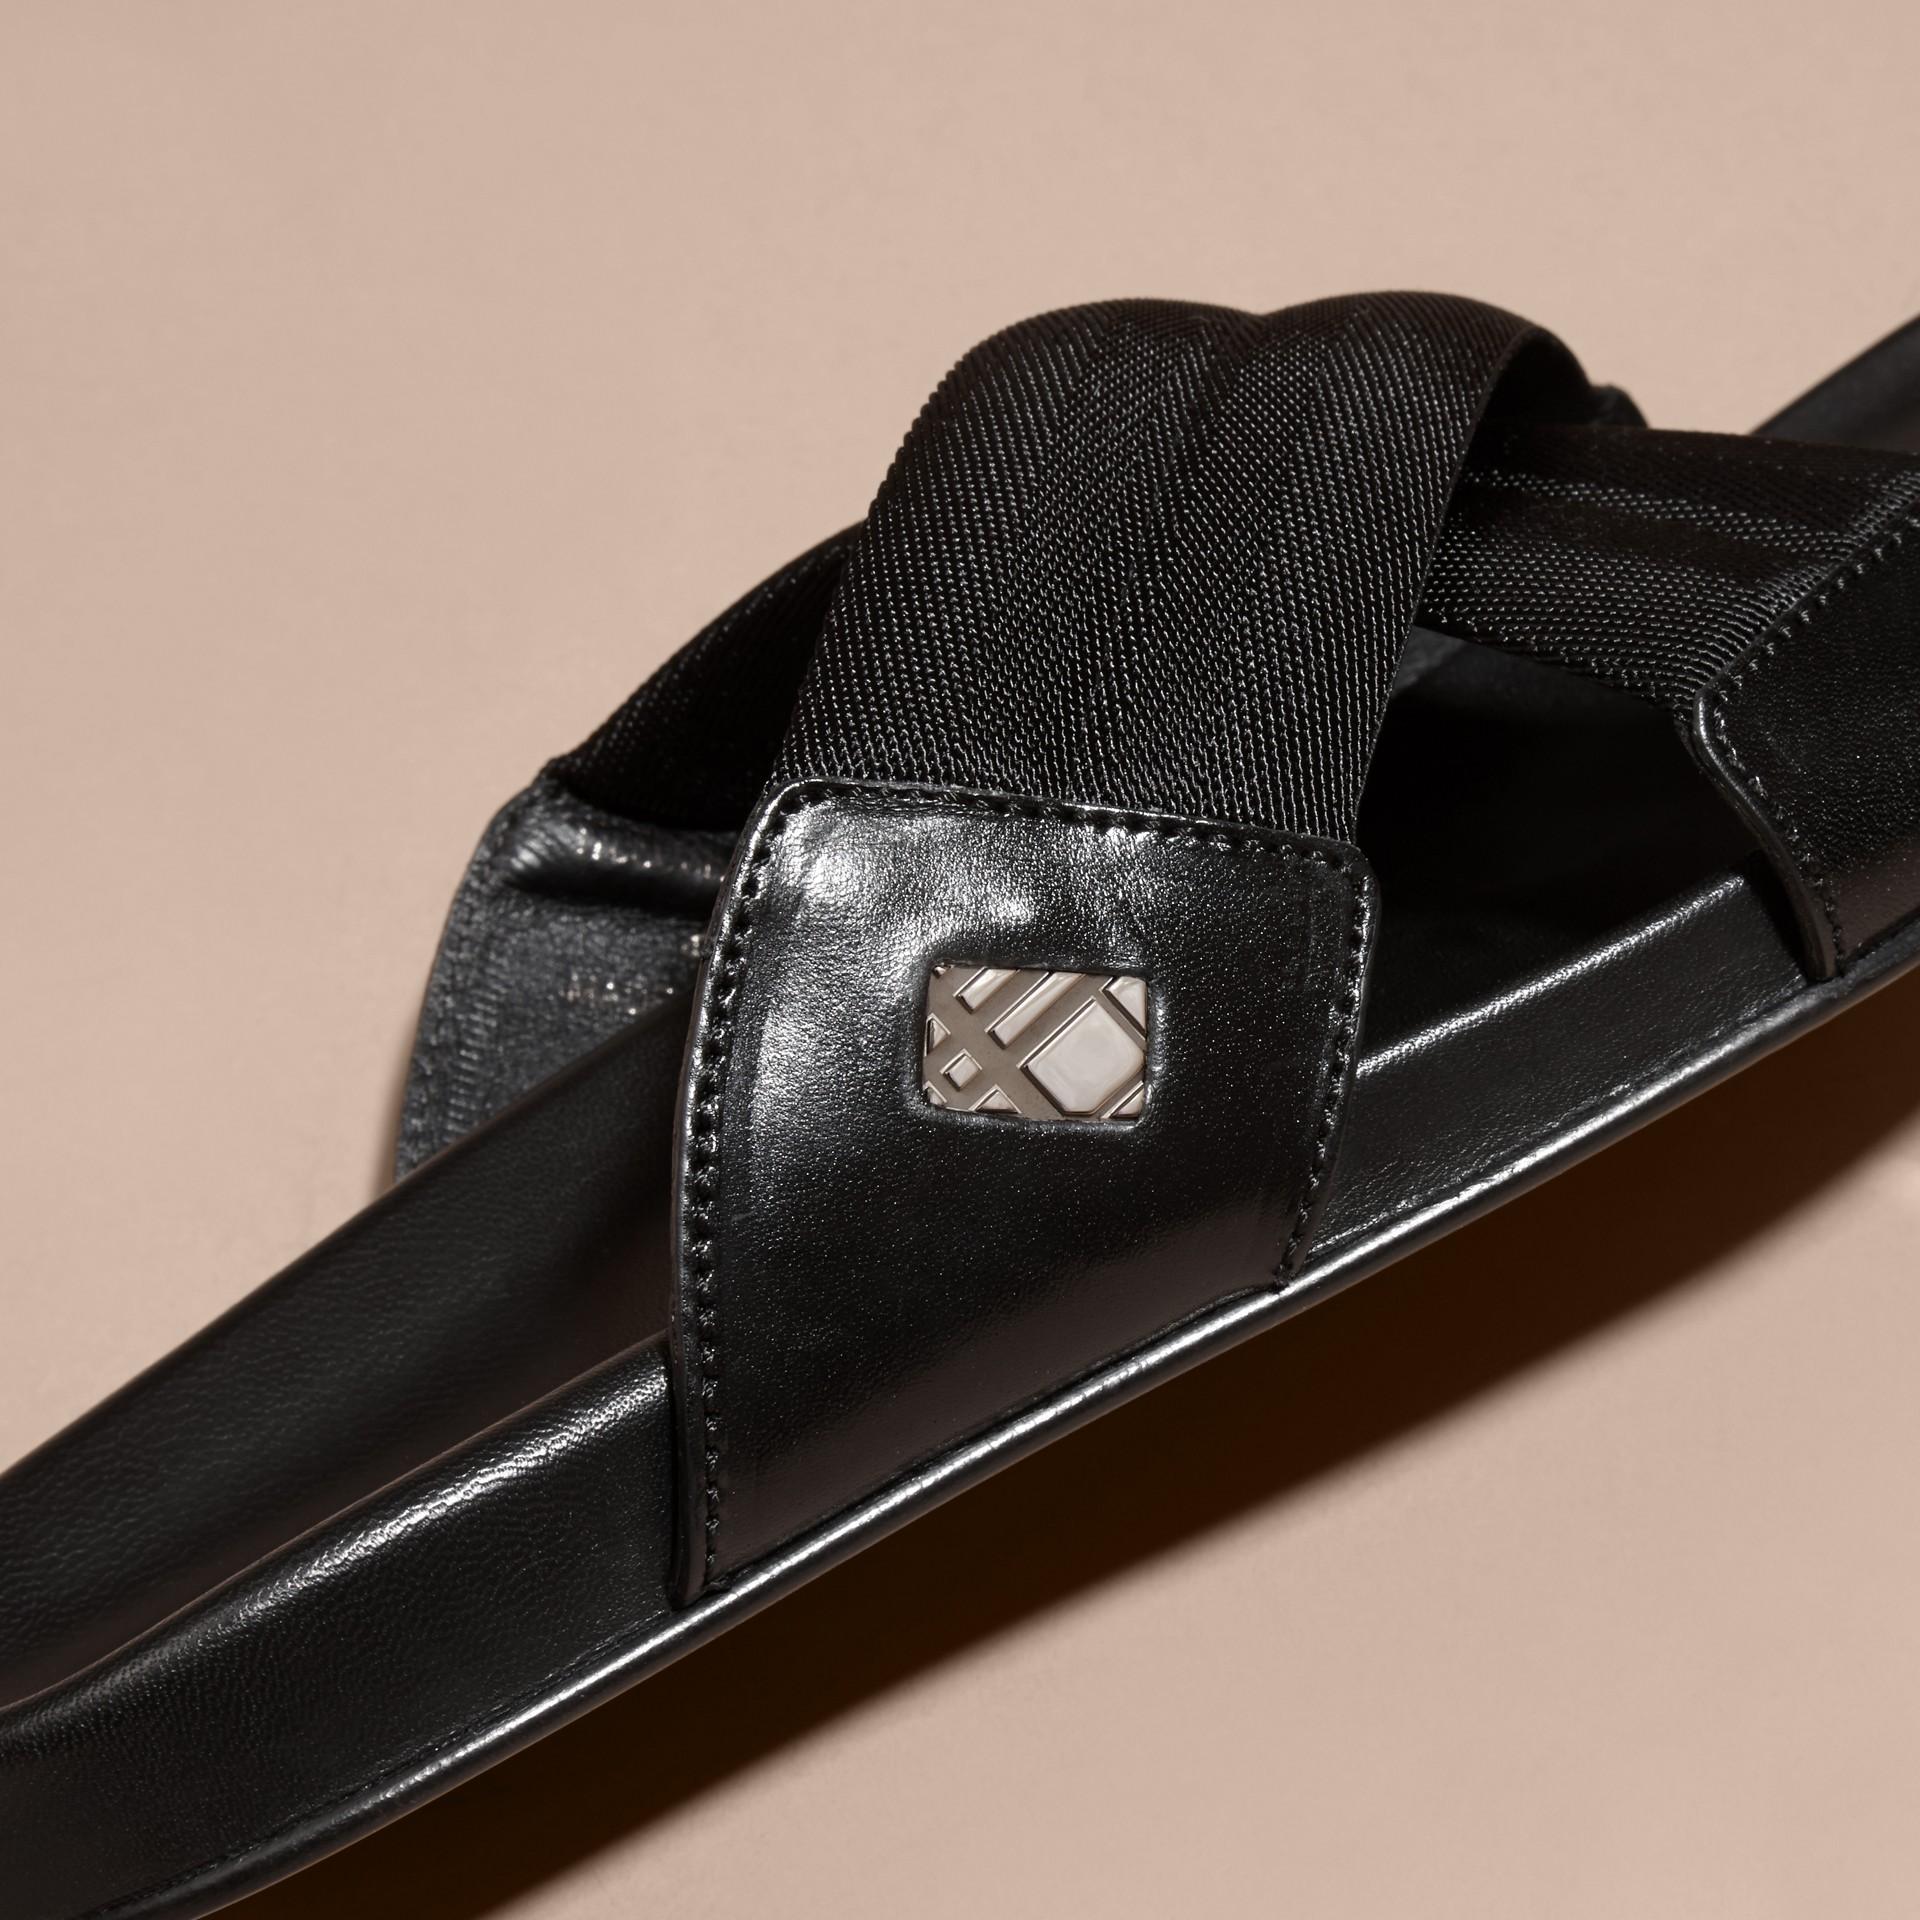 Noir Sandales en cuir et toile technique avec ornements check - photo de la galerie 2